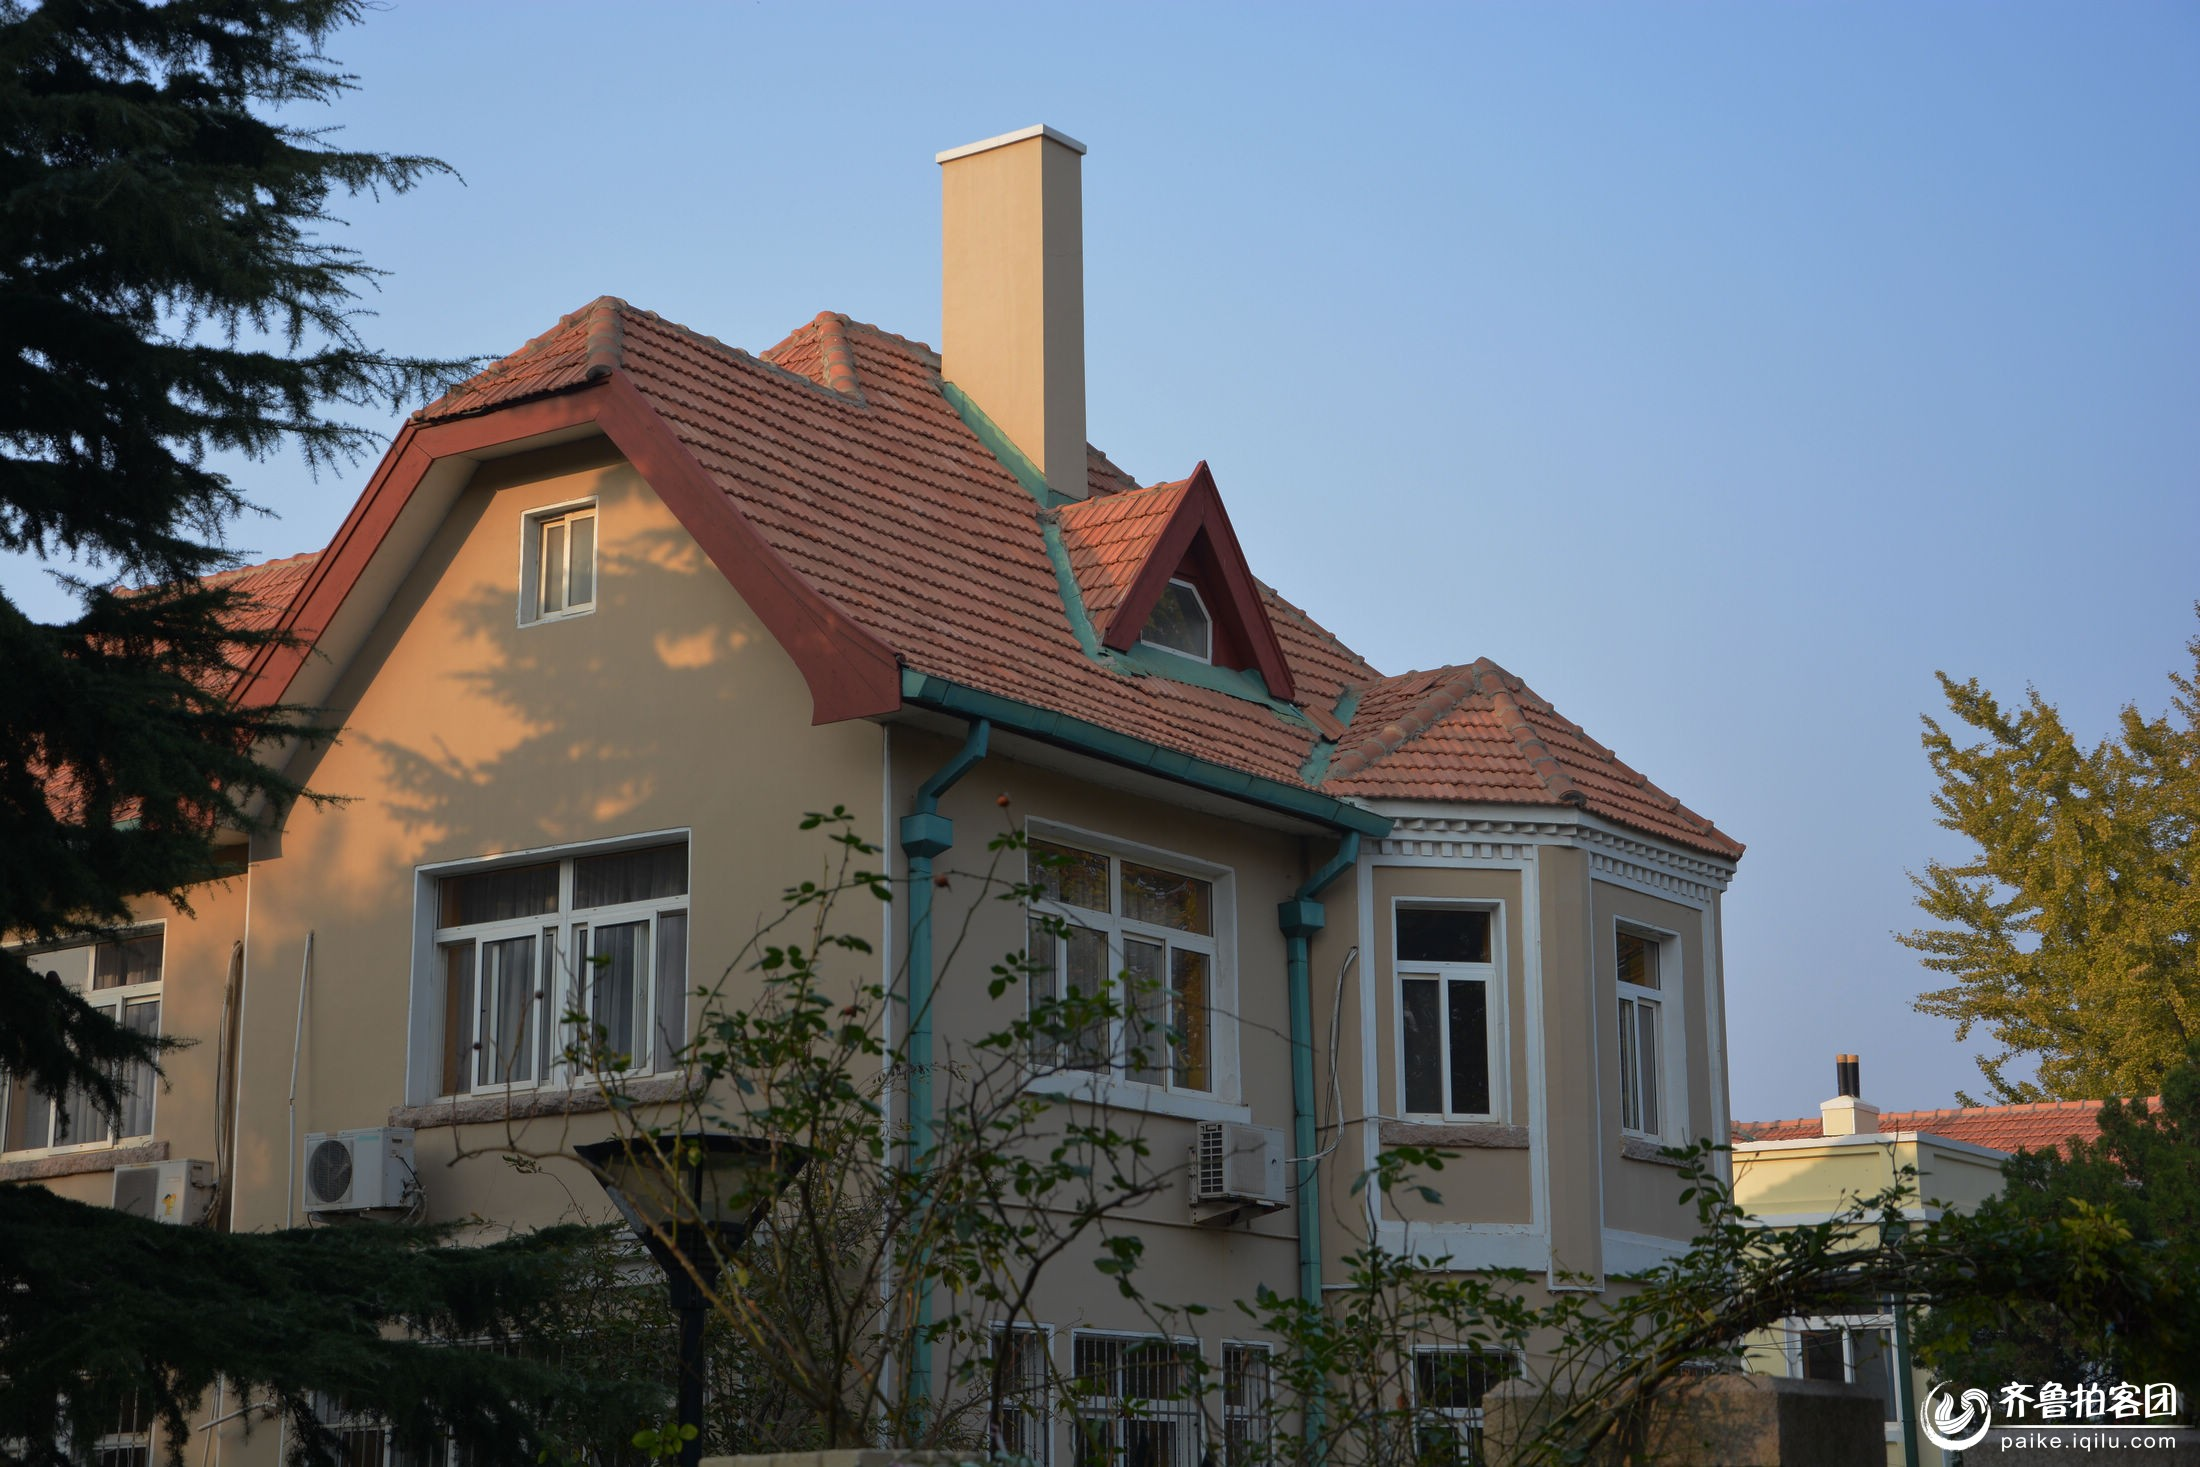 立冬前一天八大关拍建筑 - 青岛拍客 - 齐鲁社区 - 最